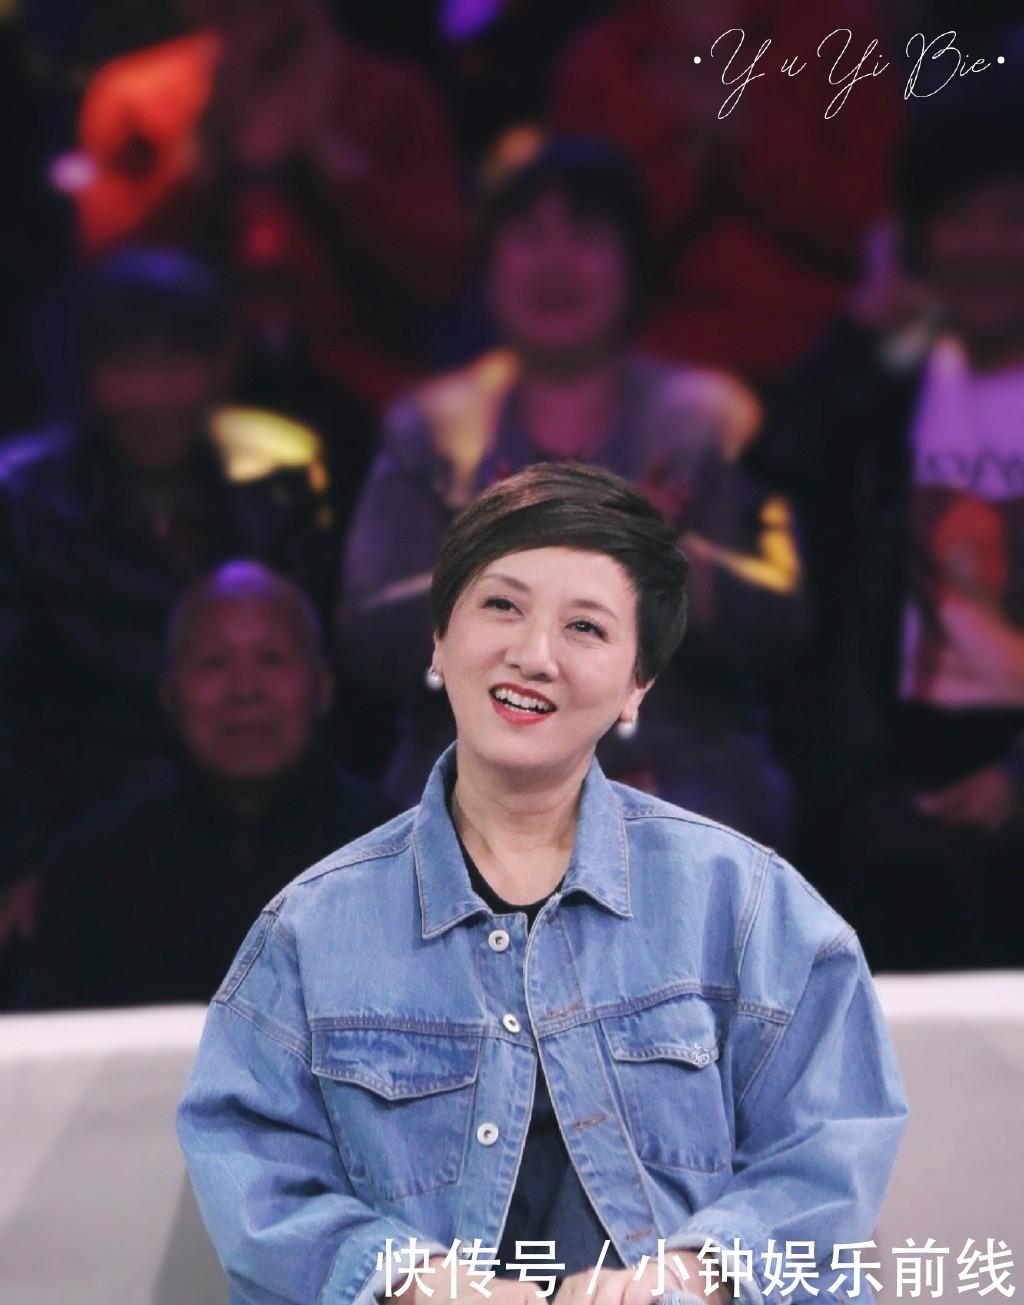 62岁邓婕黑裙配短发优雅大气!刘晓庆印花裙配马尾太少女,不像64图片